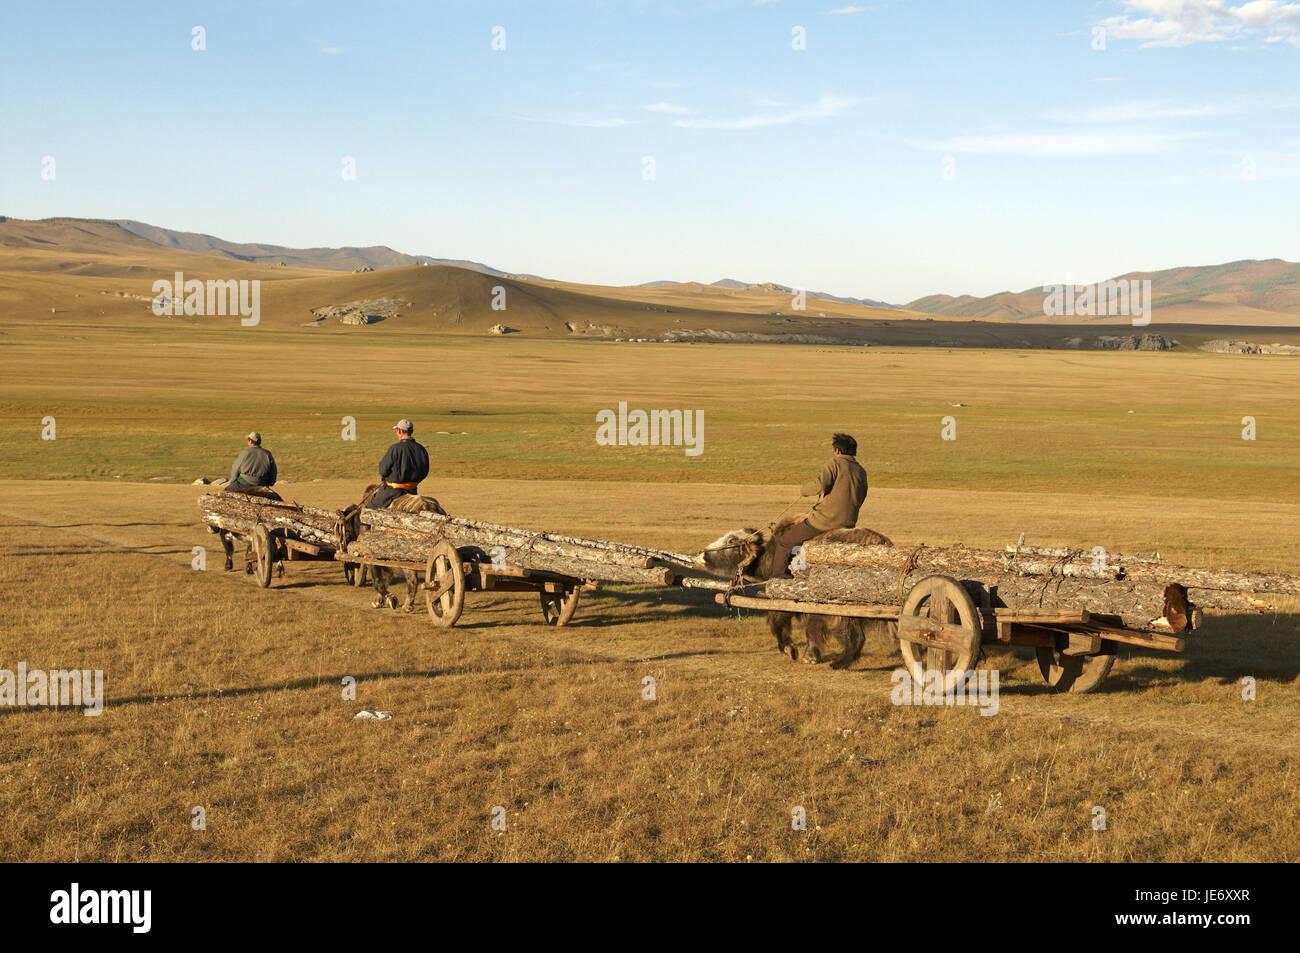 In Mongolia e in Asia centrale, provincia Arkhangai, nomade, yak, carrelli, portano in legno, Immagini Stock